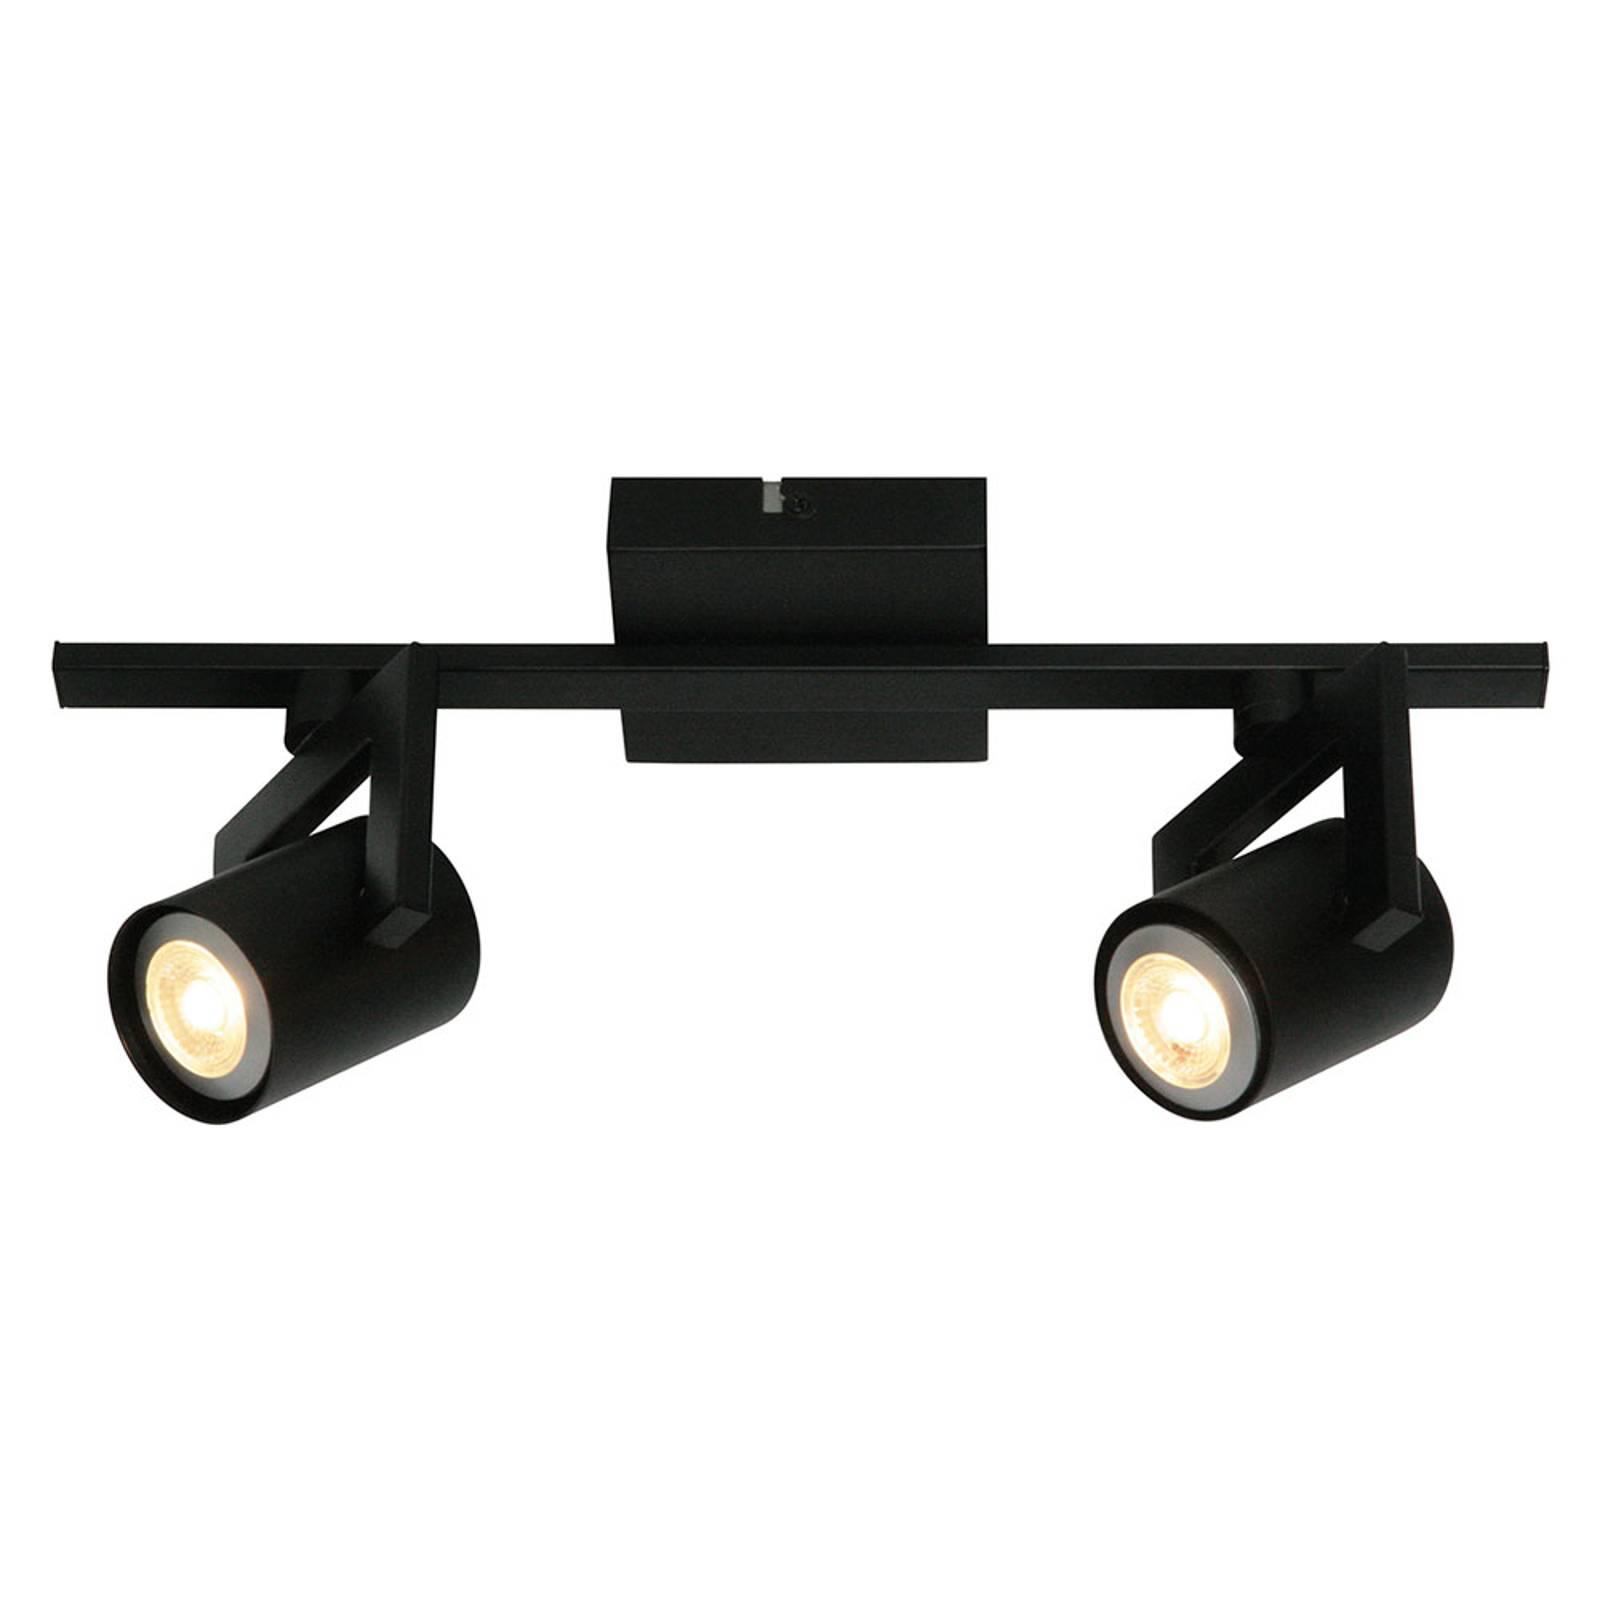 Lampa sufitowa ValvoLED czarna, 2-punktowa